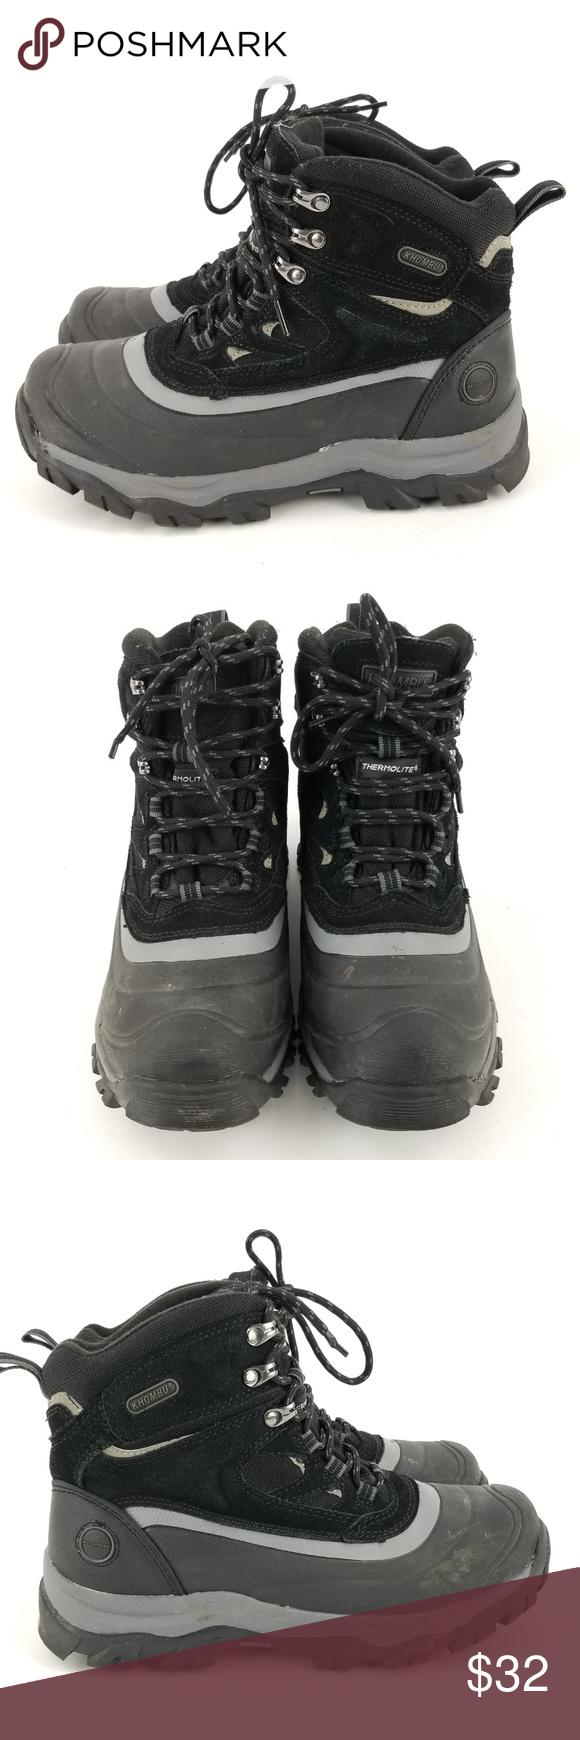 6e4ce3564d5 Khombu Men's Flume Hiking Winter Snow Boots 9 EB29 Khombu Men's ...